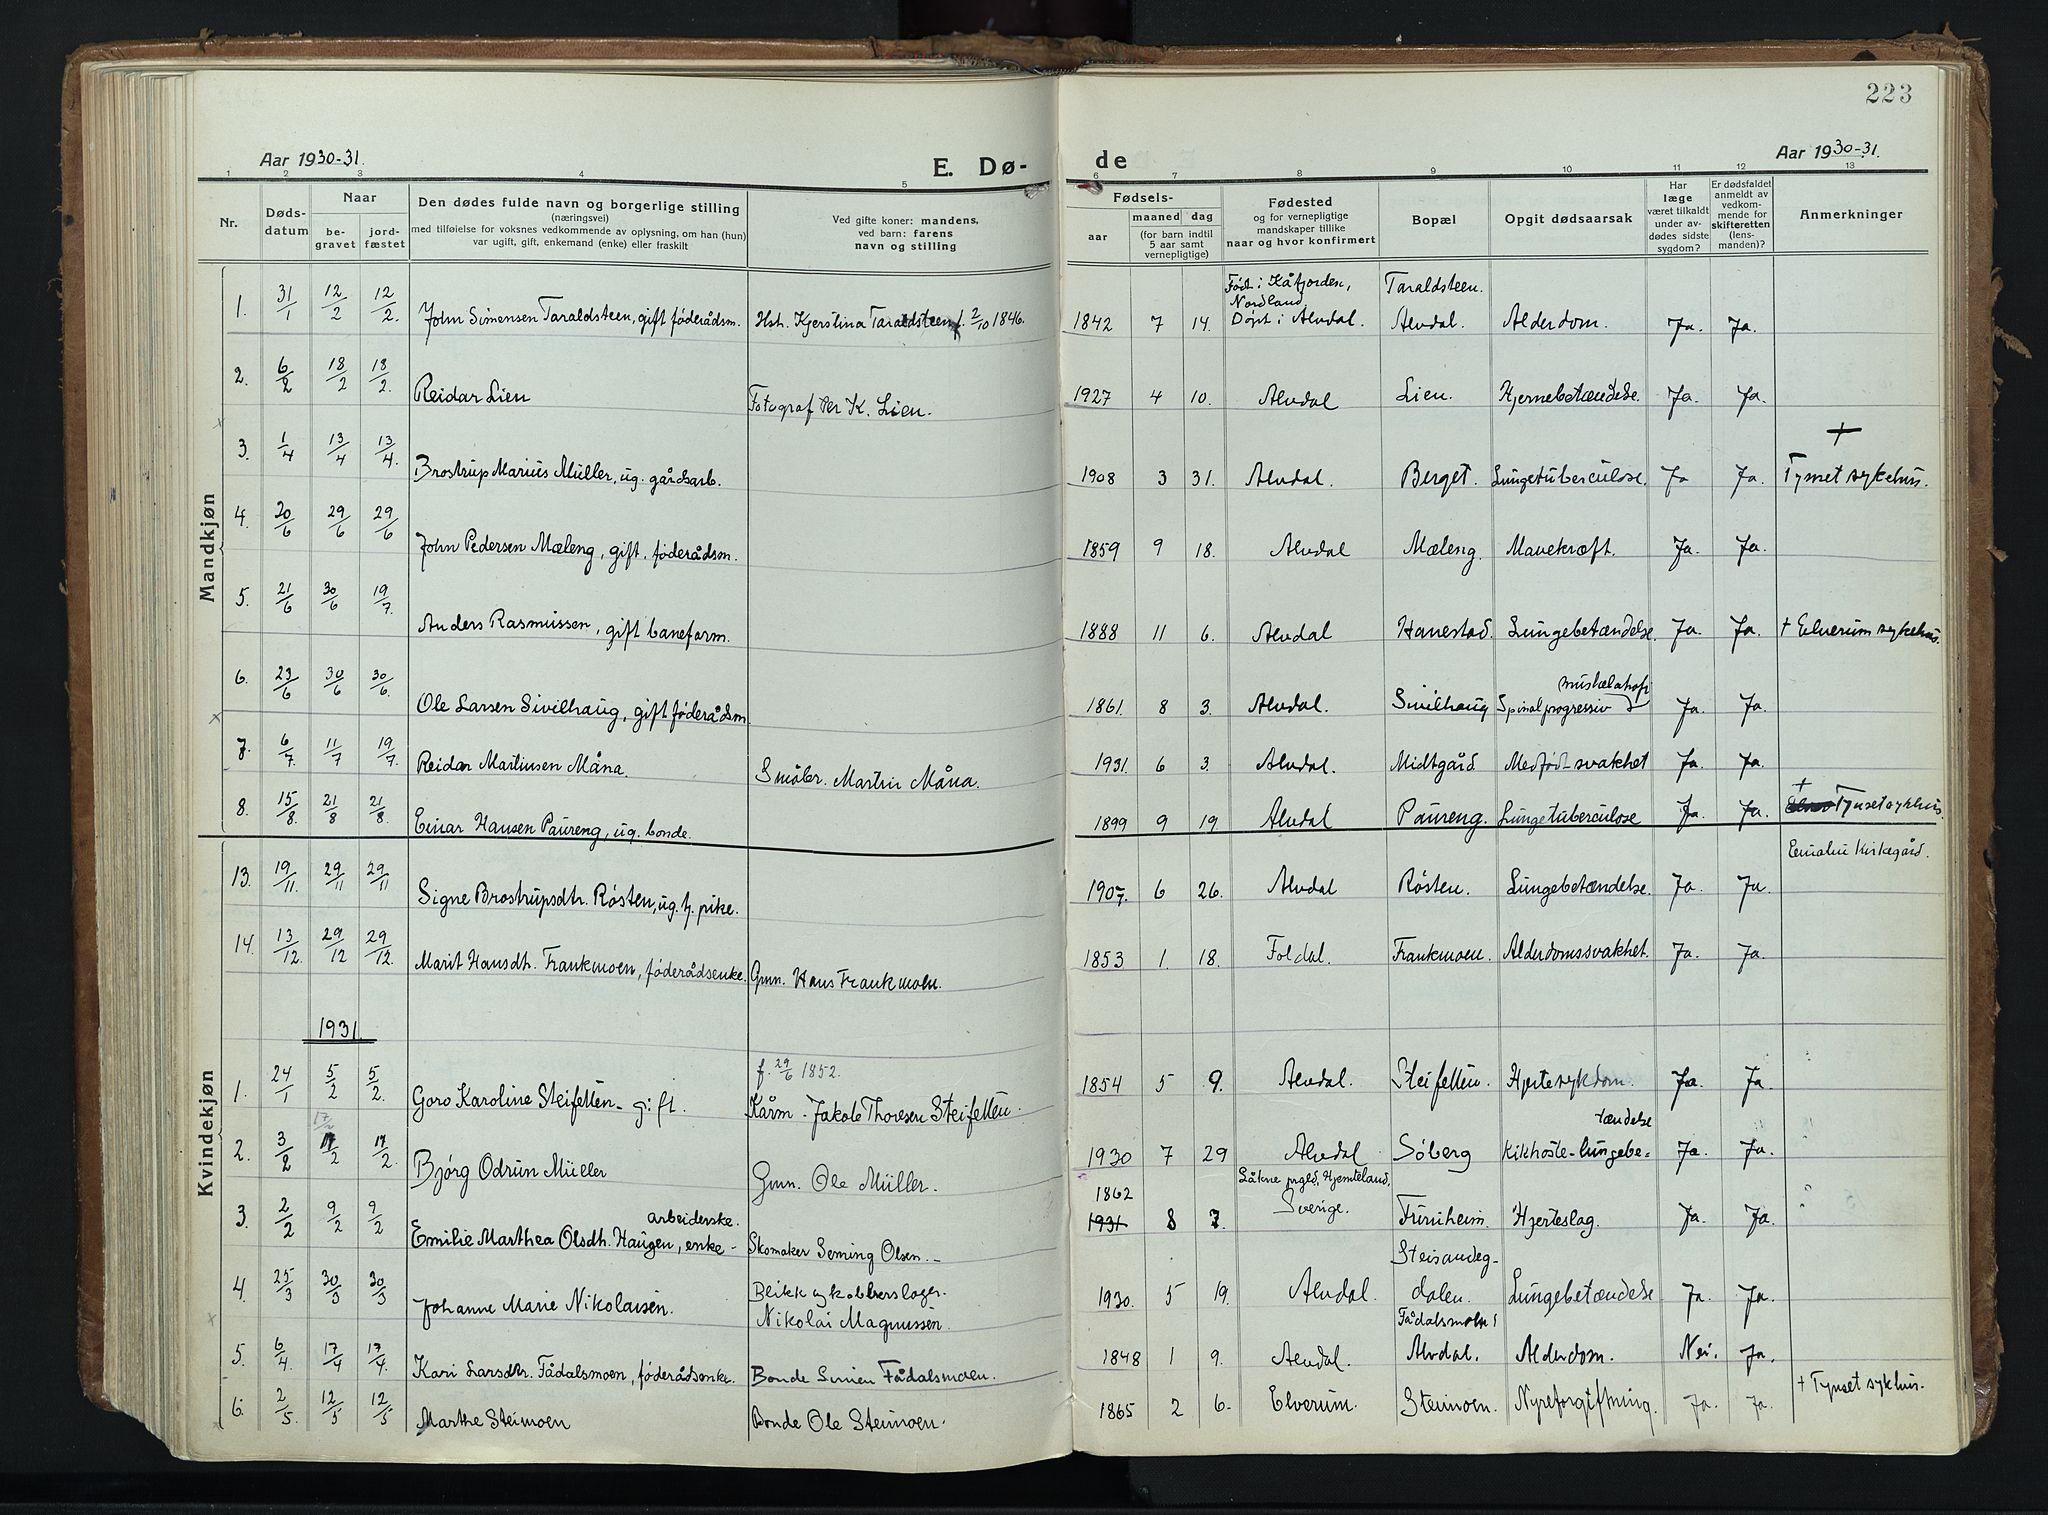 SAH, Alvdal prestekontor, Ministerialbok nr. 6, 1920-1937, s. 223